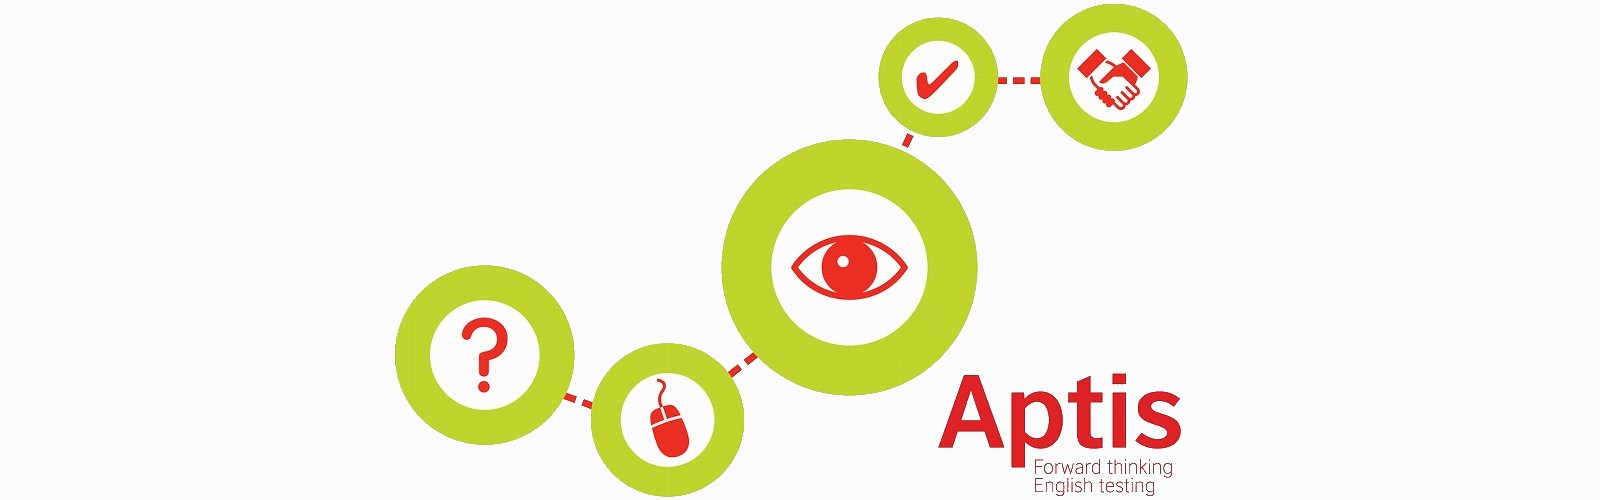 Bài thi APTIS (khung 6 bậc CEFR)